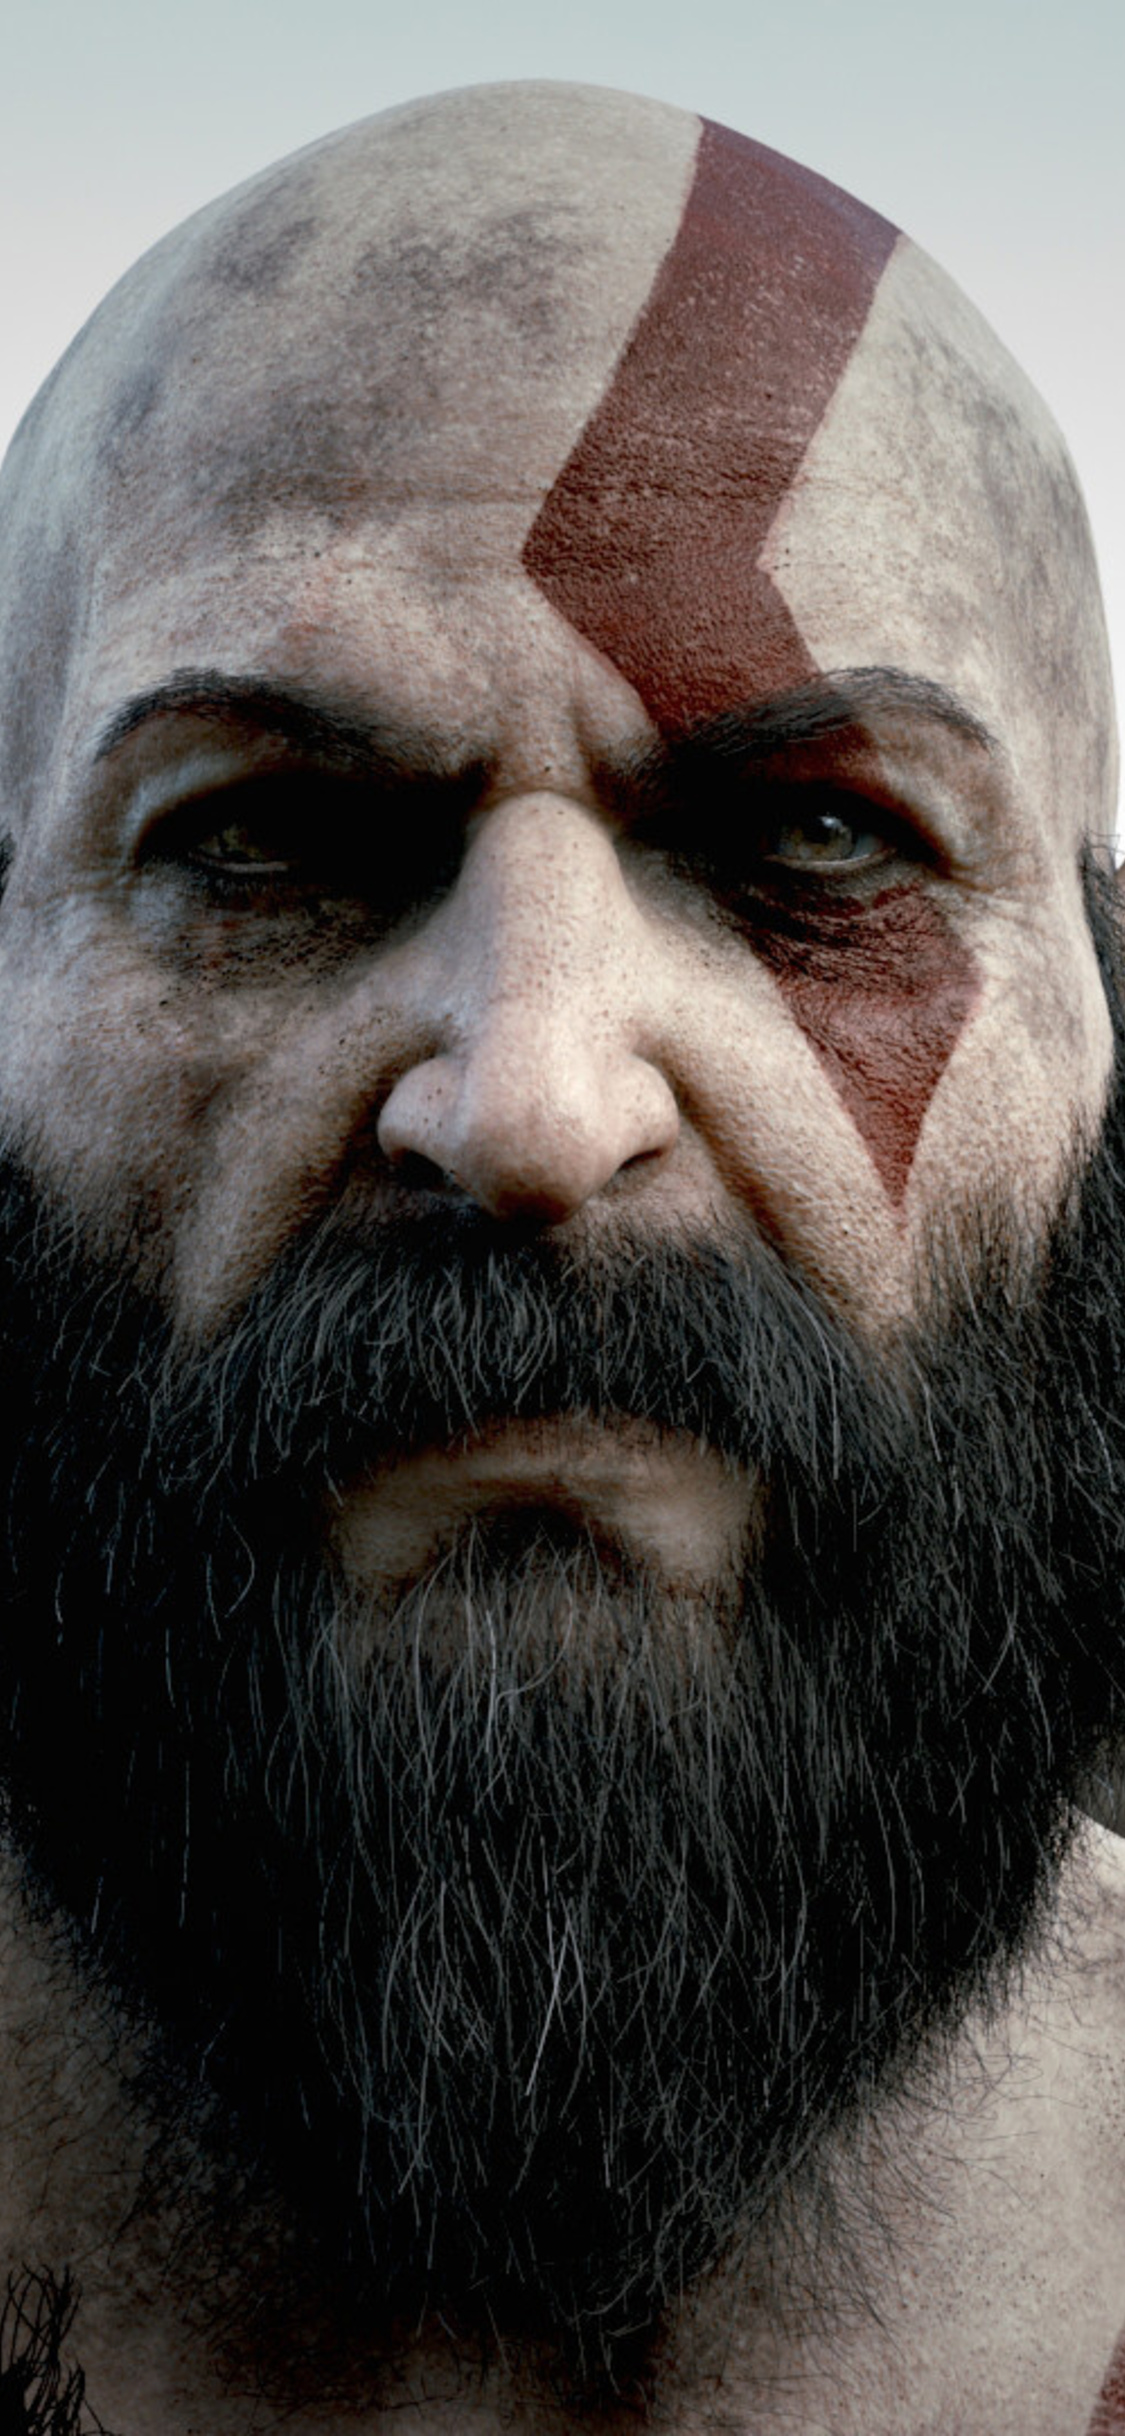 kratos-digital-art-n8.jpg